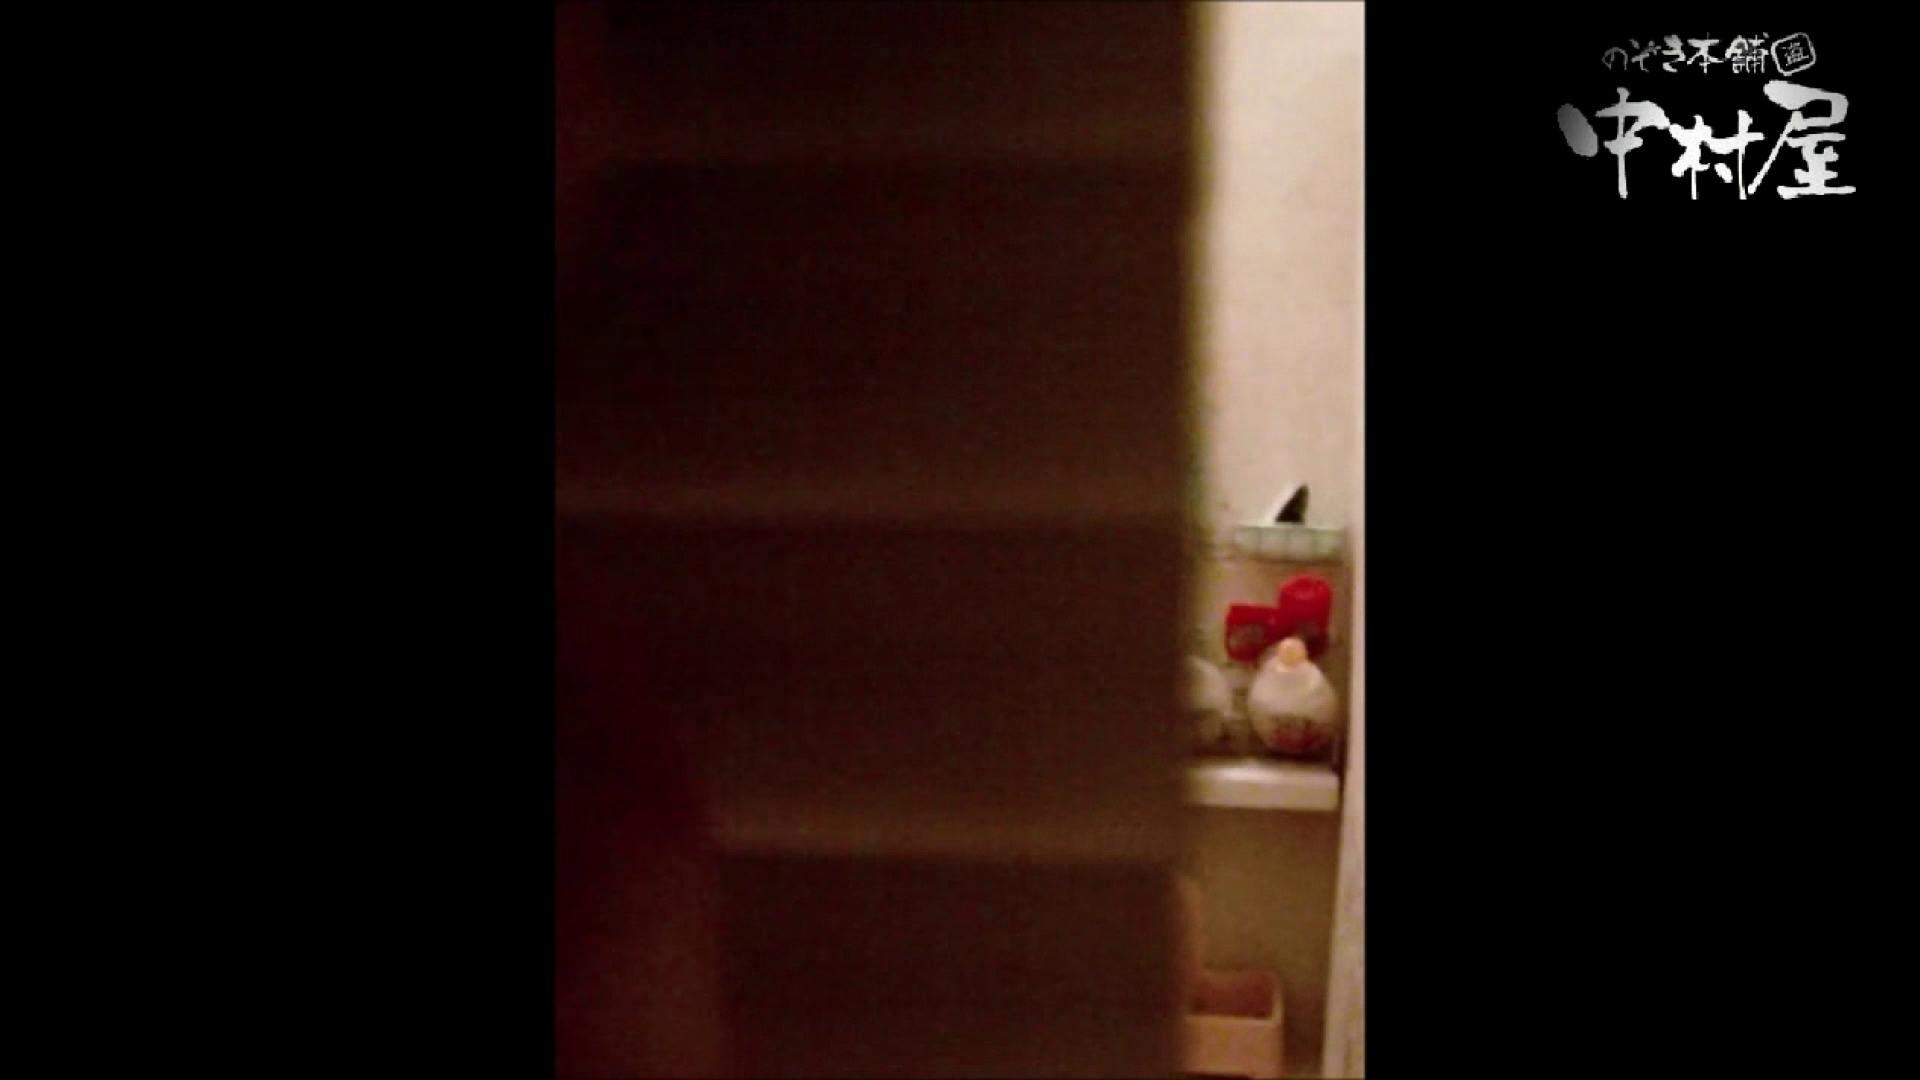 雅さんの独断と偏見で集めた動画集 民家Vol.6 超エロギャル すけべAV動画紹介 61枚 38